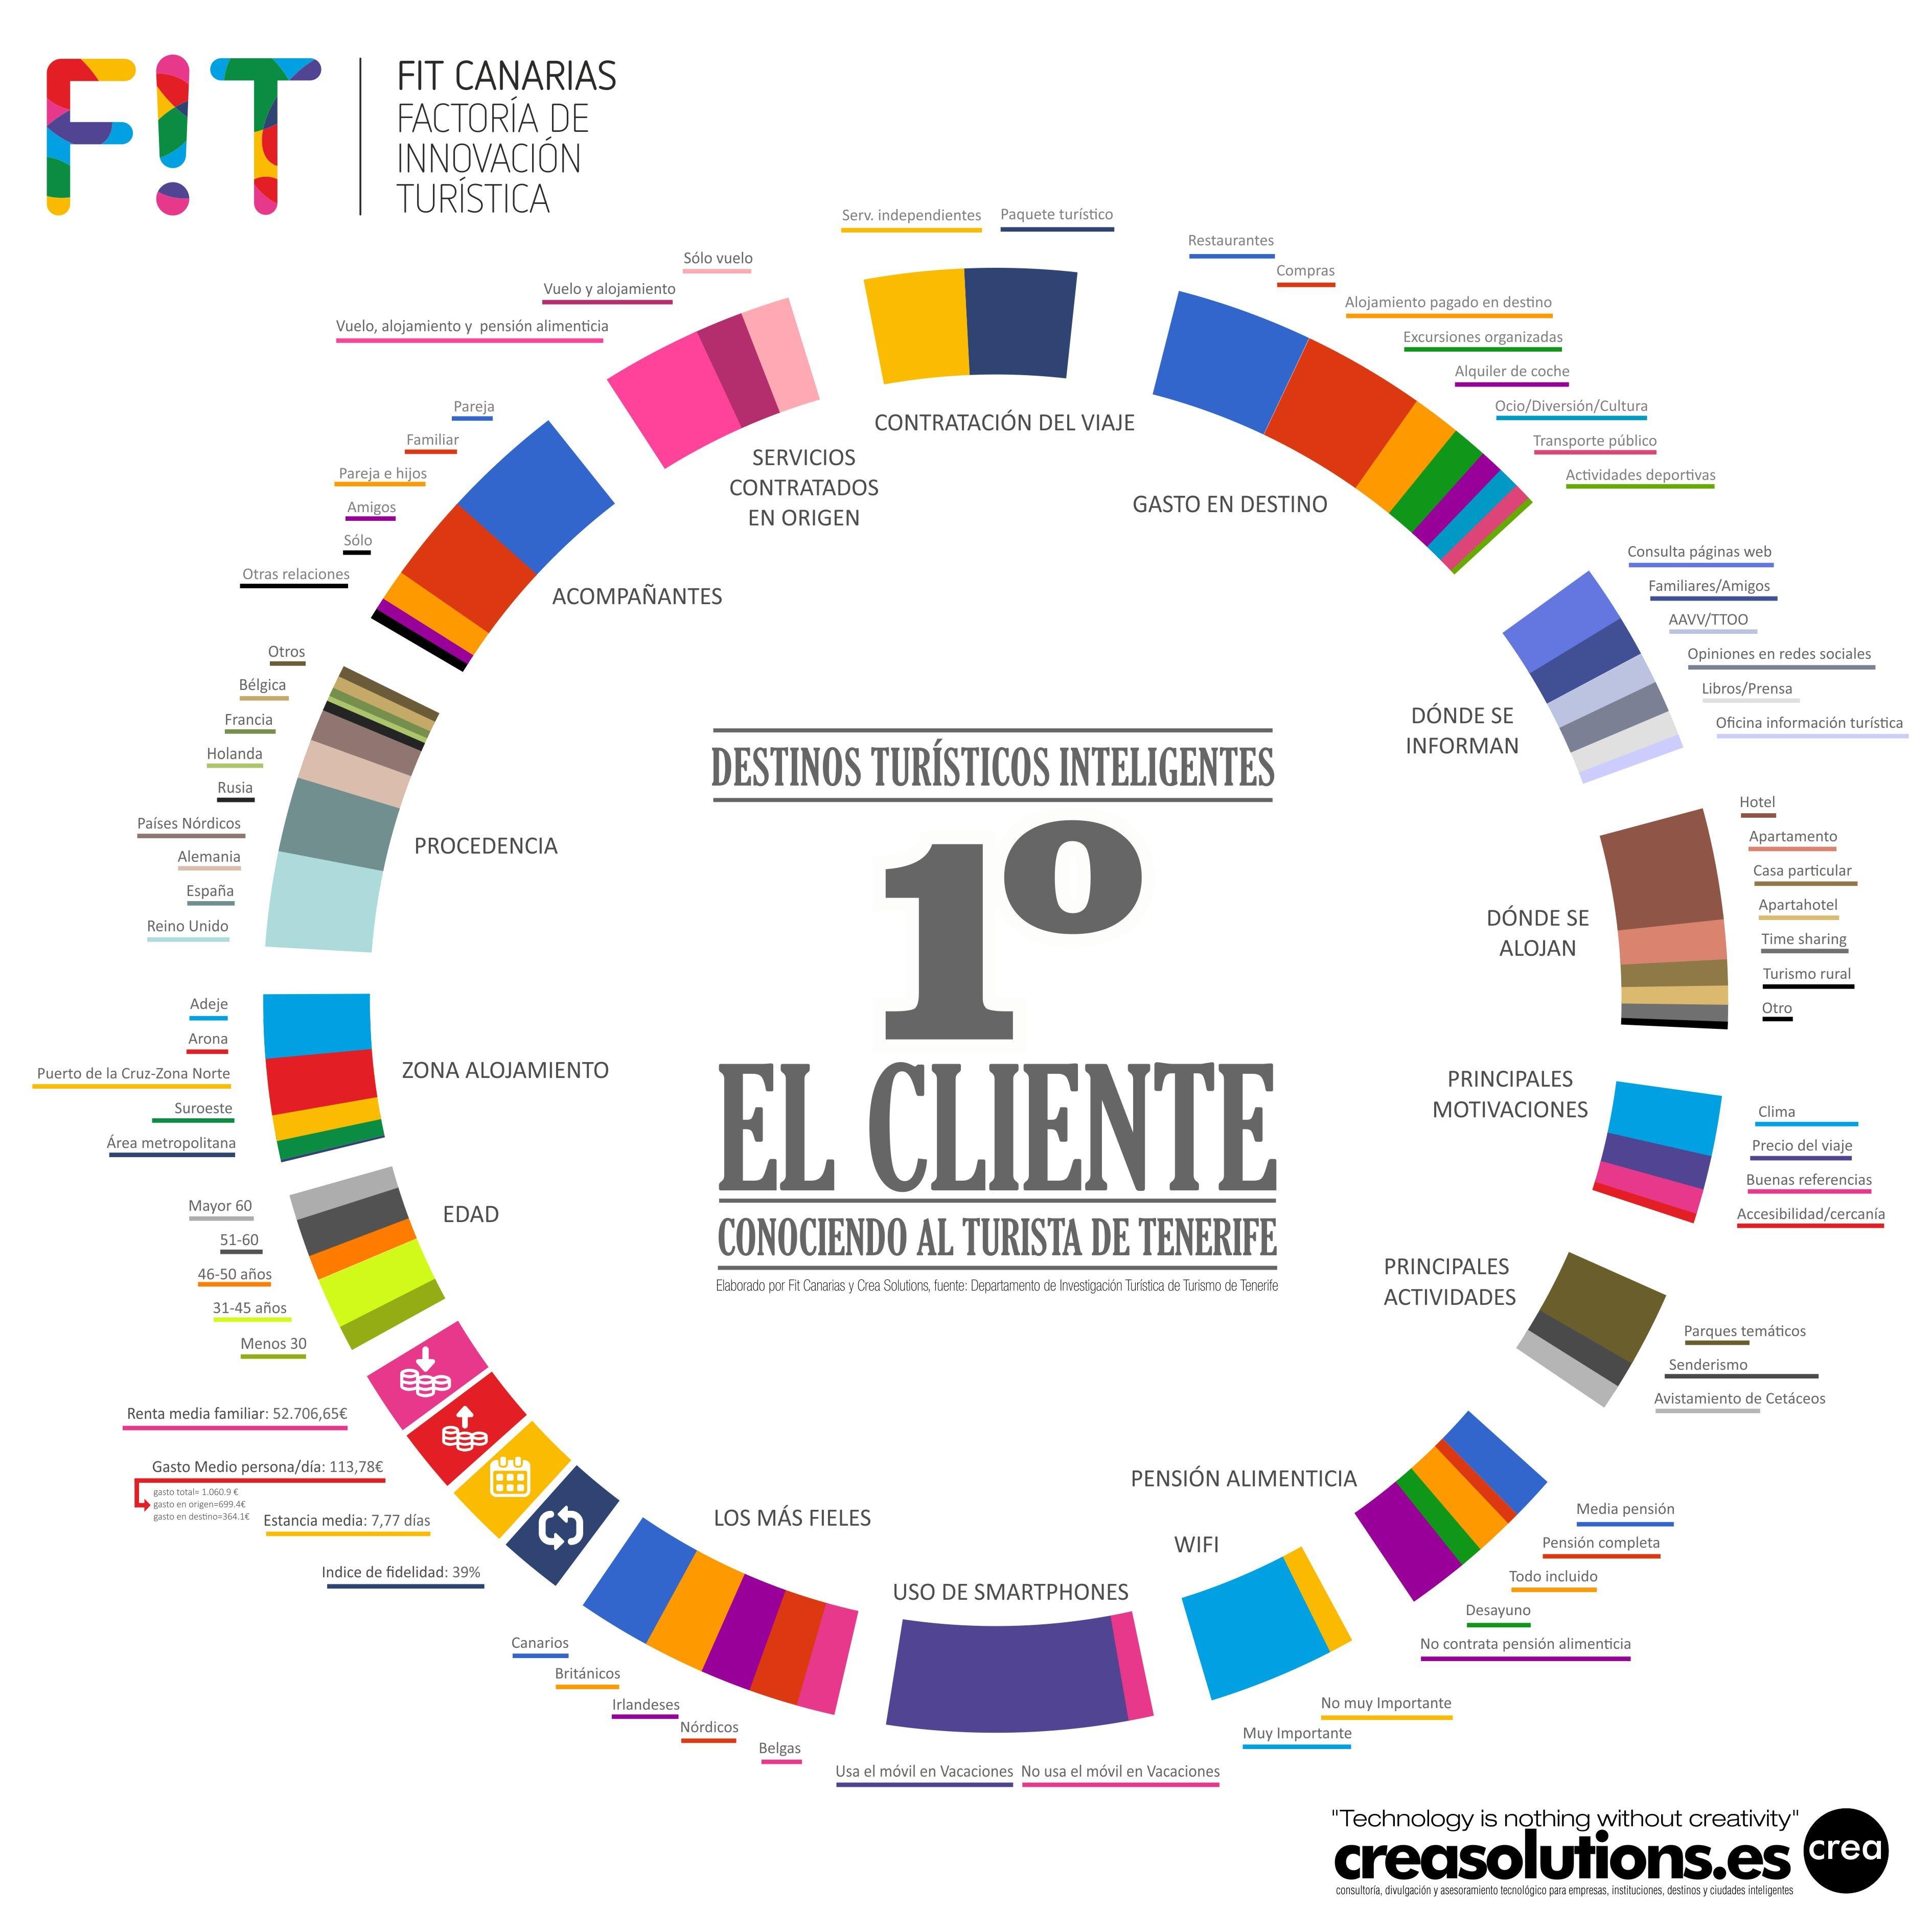 INfografía Francis Ortiz para la Factoría de Innovación de Canarias en Fi2 2015